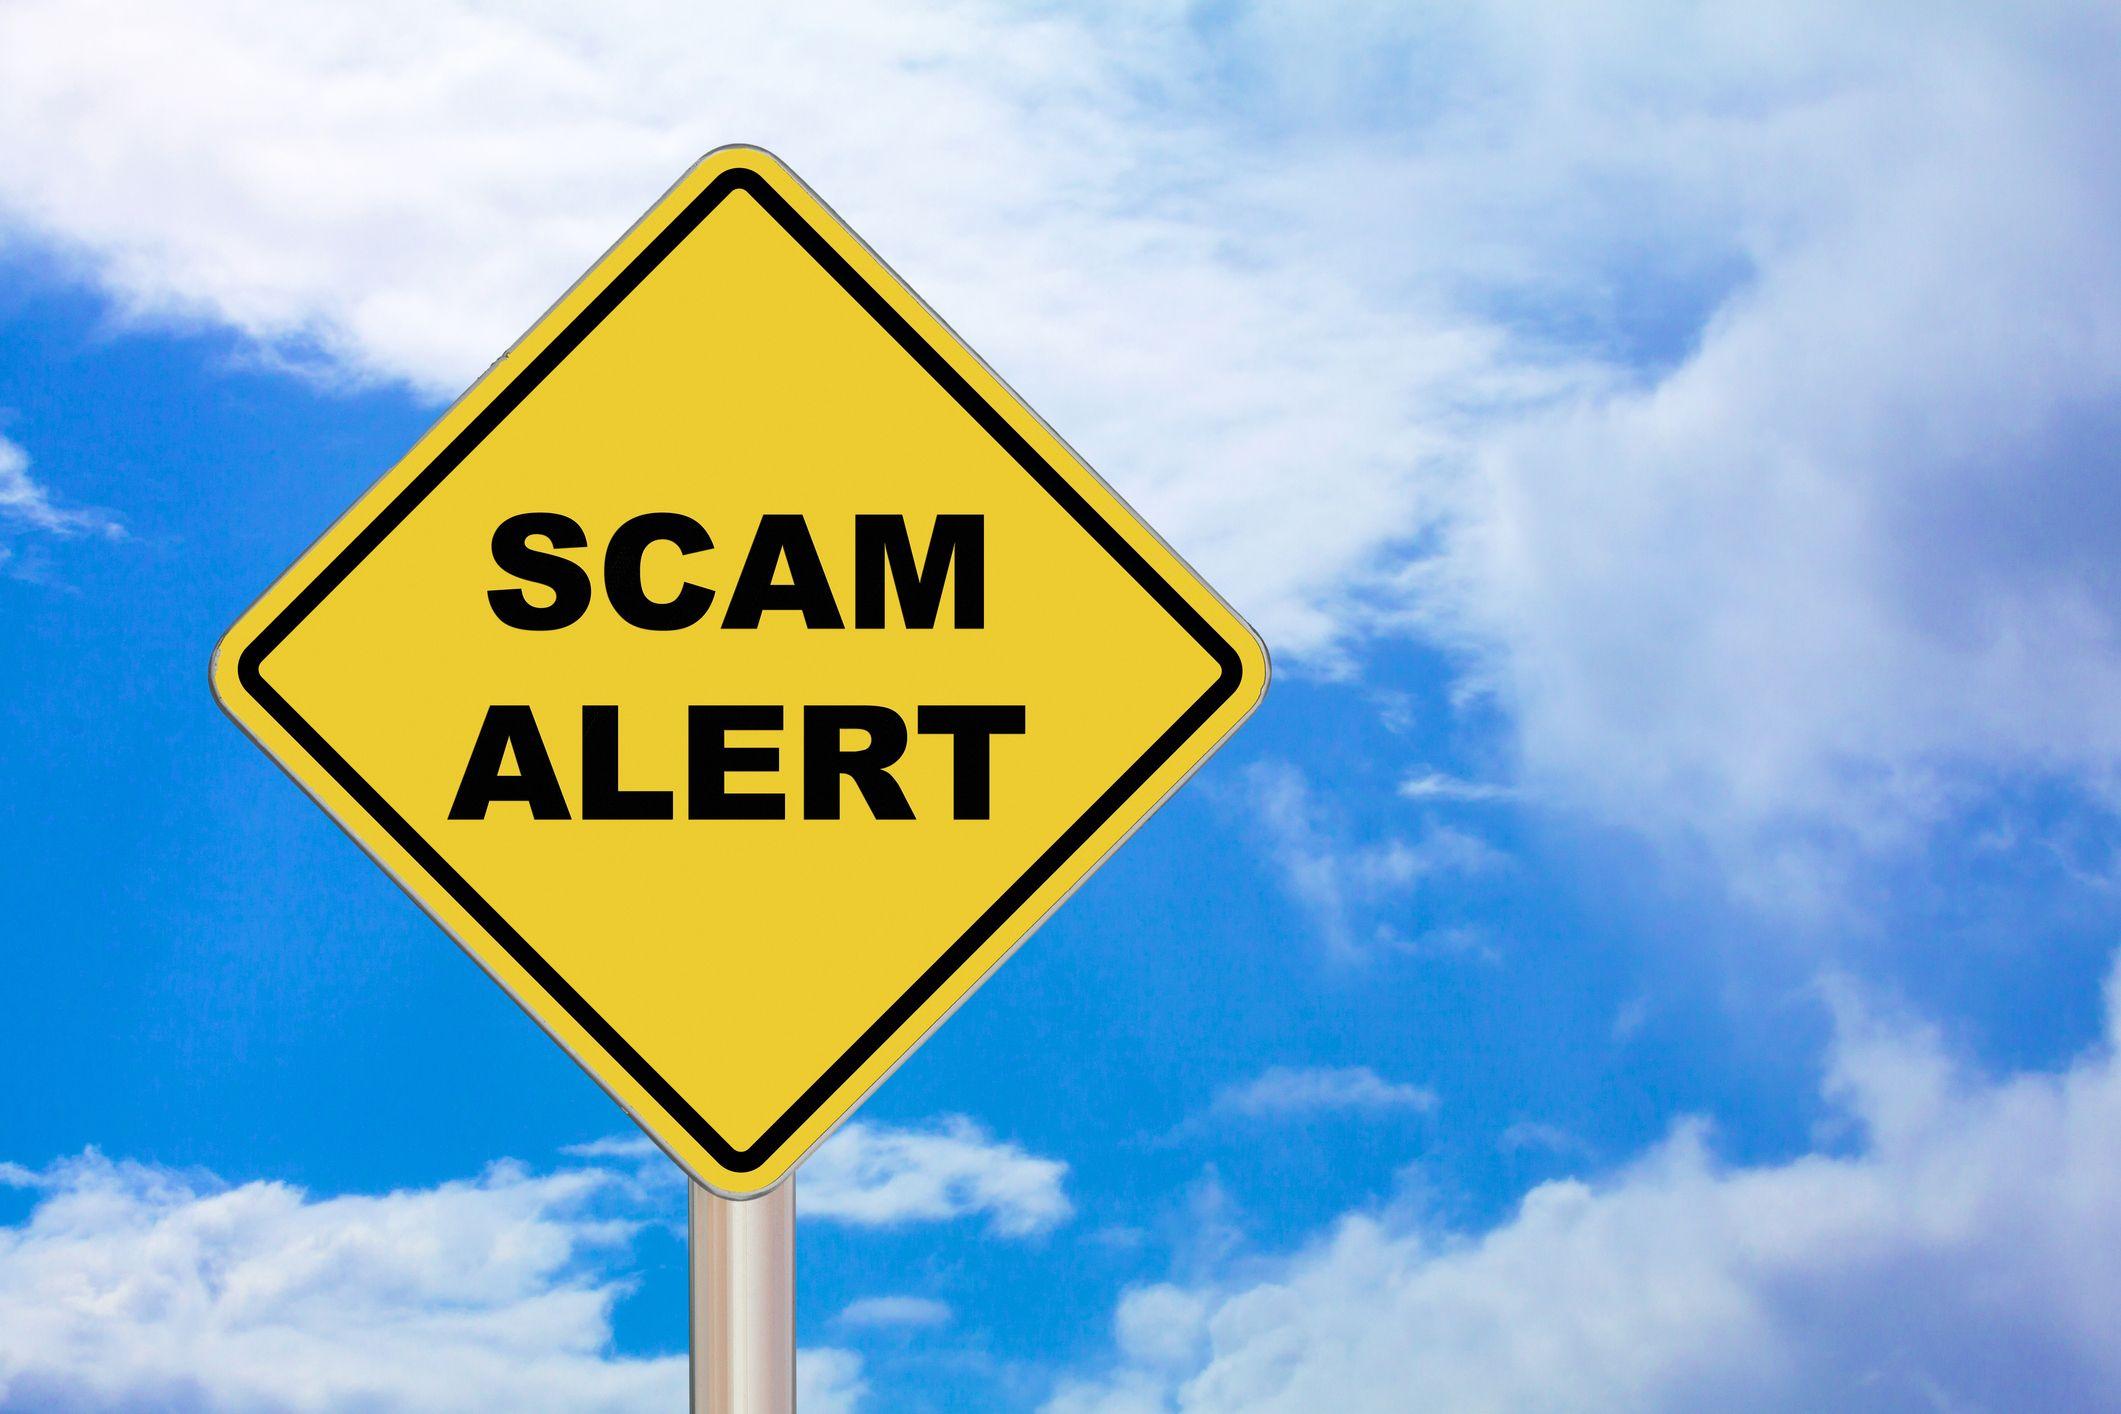 Self-assessment phishing scam alert